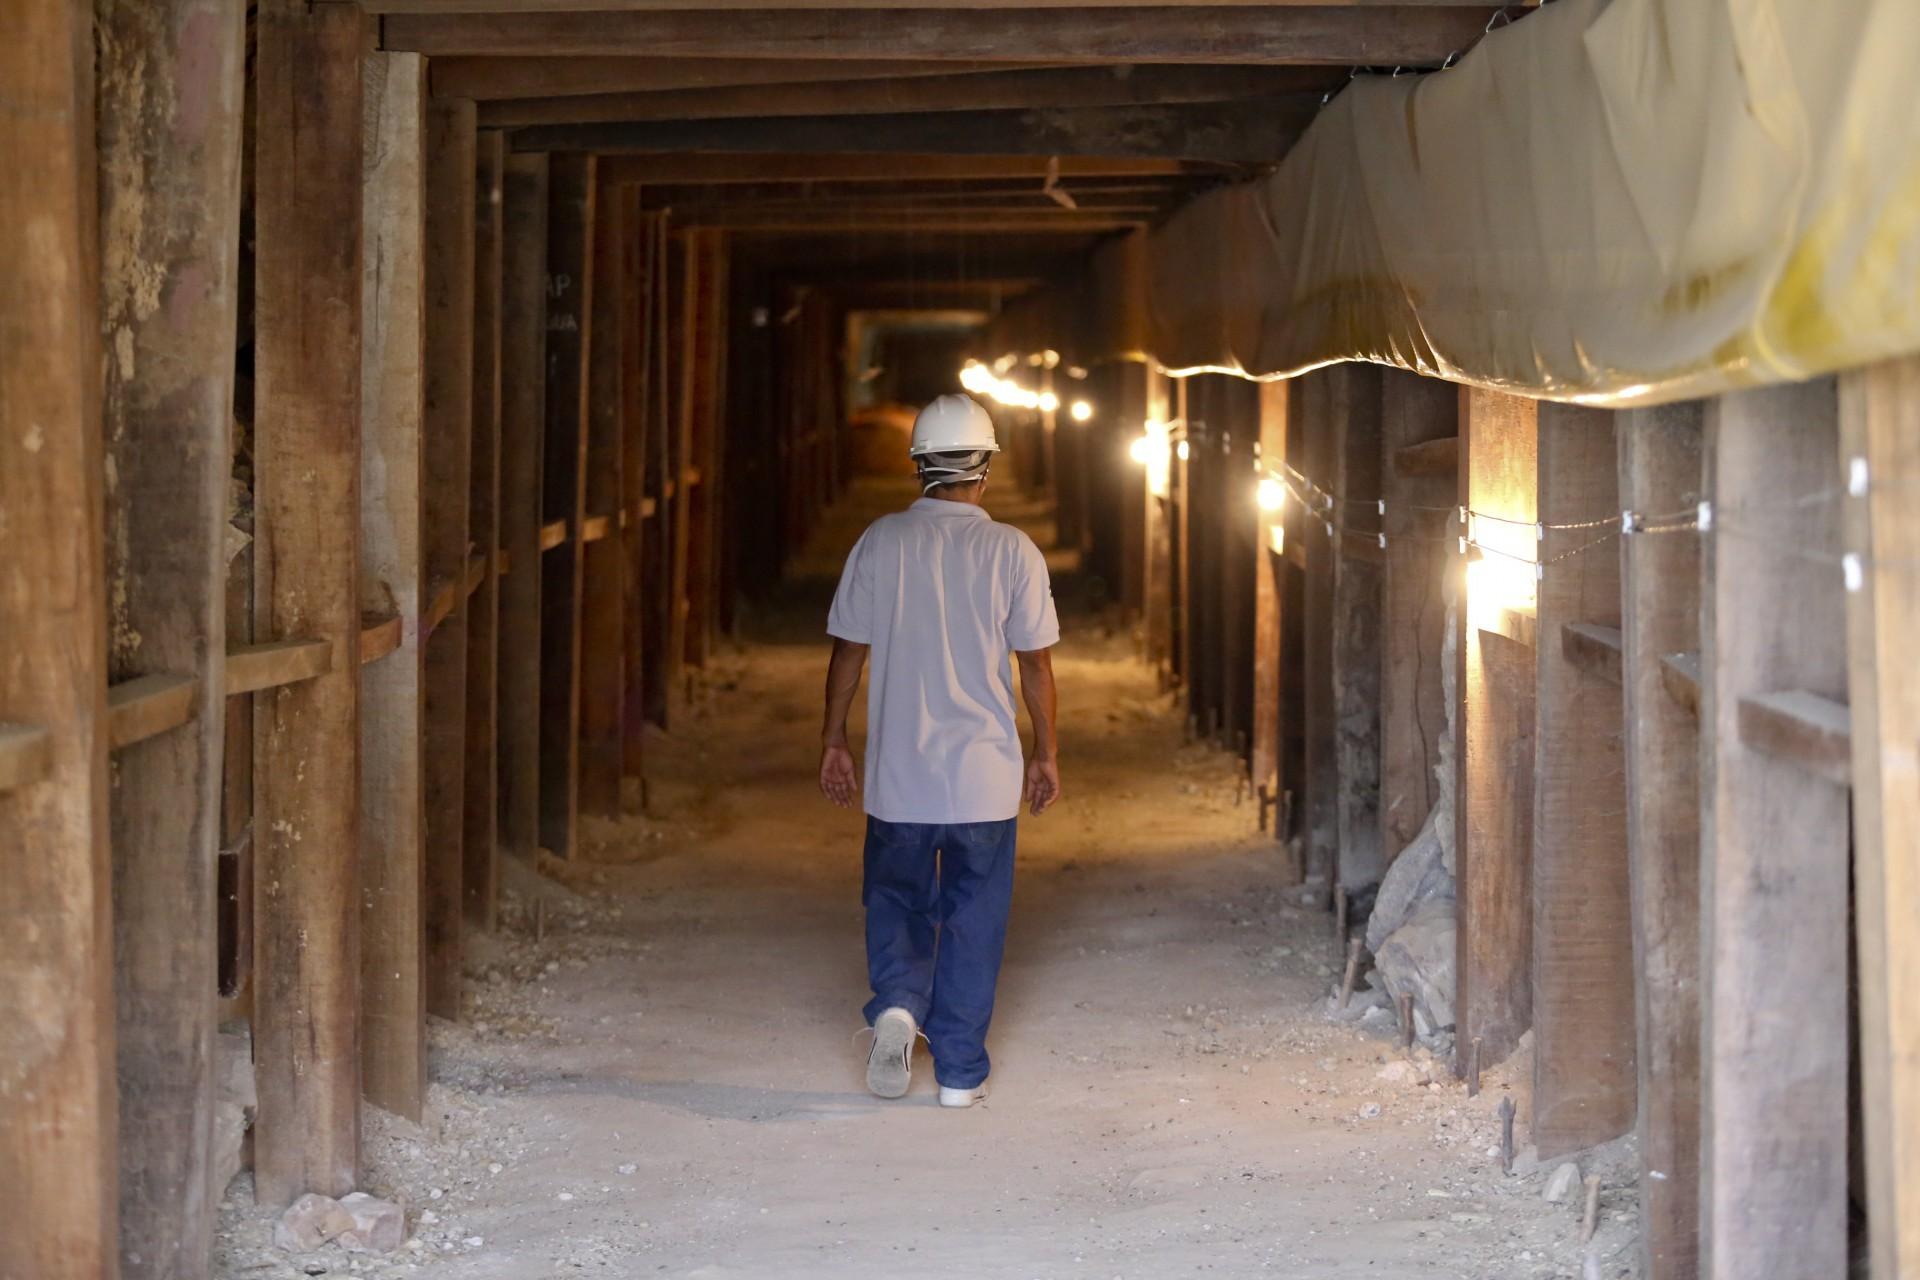 (Foto: O POVO)SANTA QUITÉRIA, CE, BRASIL, 20-07-2015: Antônio Dias Gomes, 54, funcionário caminha por túnel da mina de urânio e fosfato de Itataia. Mina de urânio (minério) em Santa Quitéria. (Foto: Fábio Lima/O POVO) *** Local Caption *** Publicada em 03/08/2015 -  CP